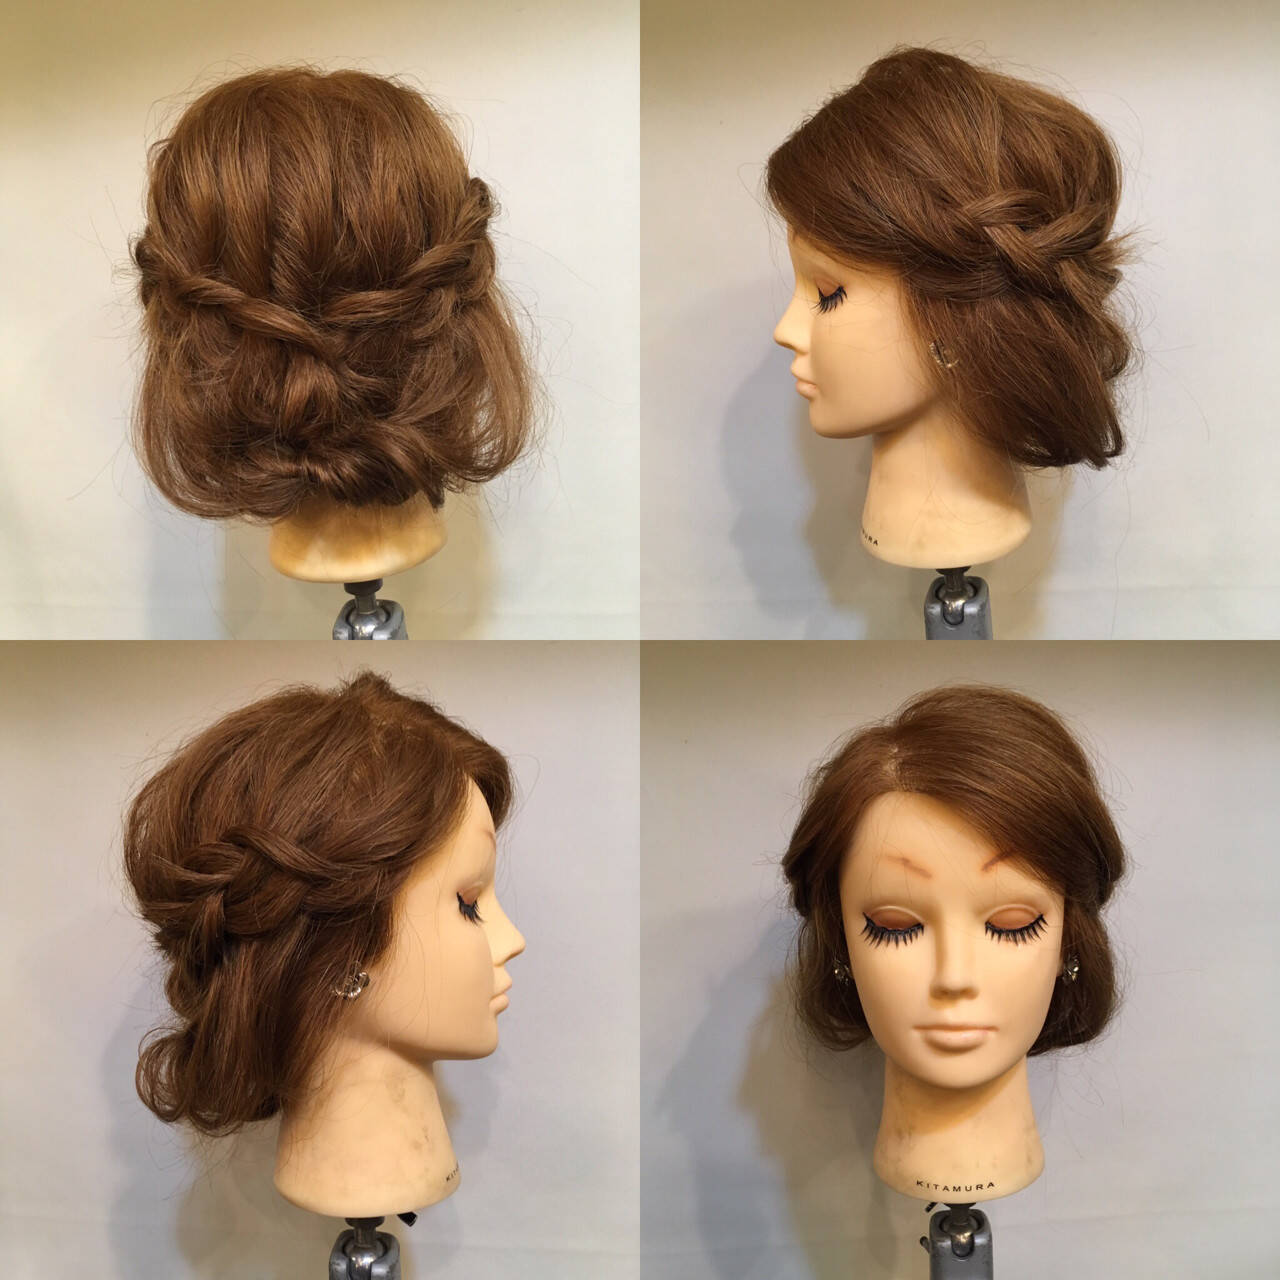 セミロング ヘアアレンジ ツイスト ボブヘアスタイルや髪型の写真・画像